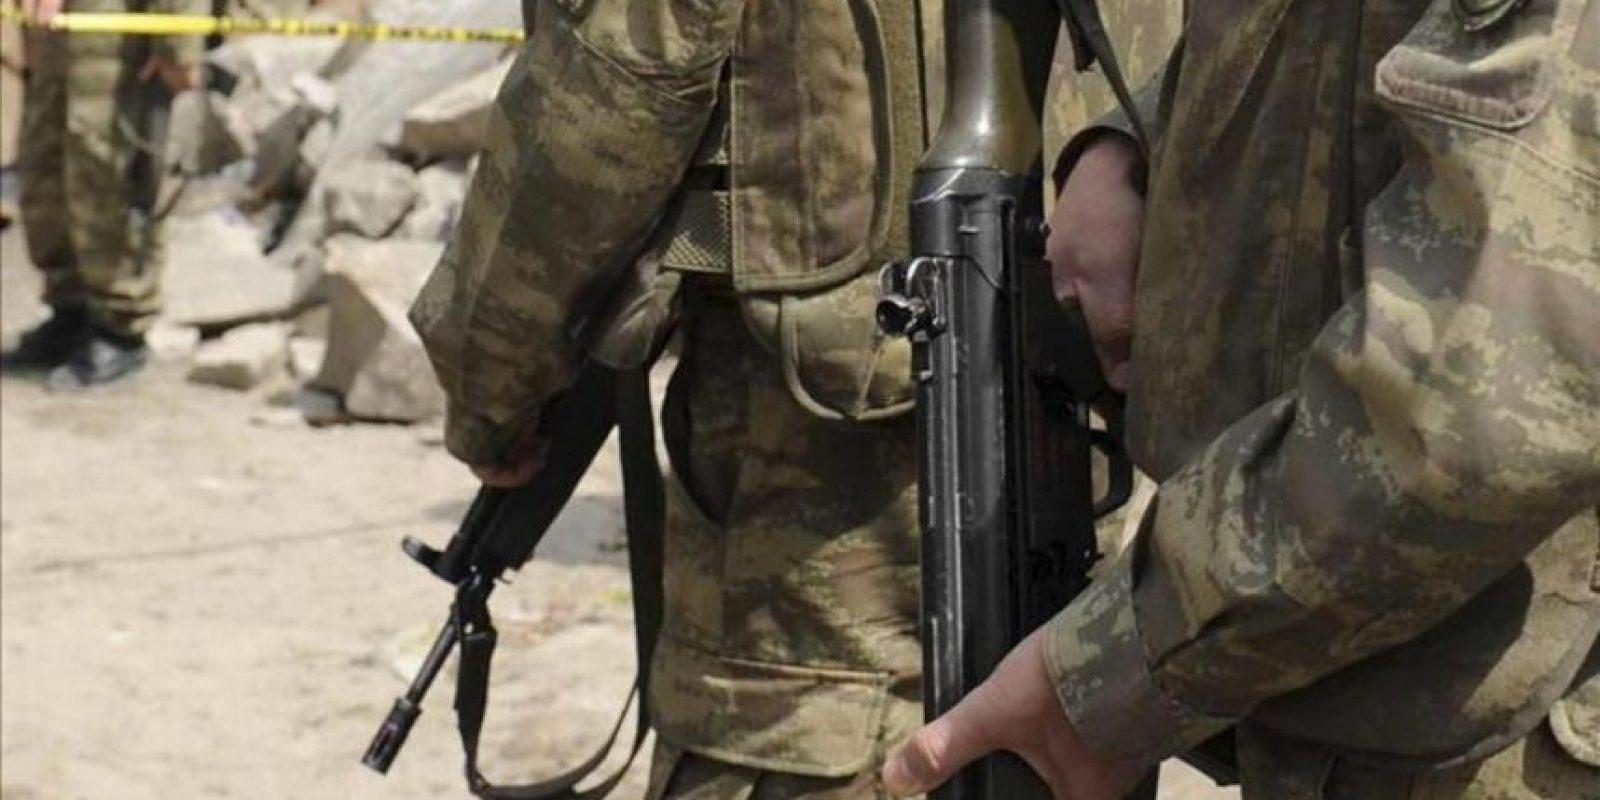 El ataque se produjo en el distrito de Nerkh, en la provincia central de Wardak, mientras una fuerza conjunta de las tropas afganas e internacionales participaban en una patrulla de seguridad. EFE/Archivo